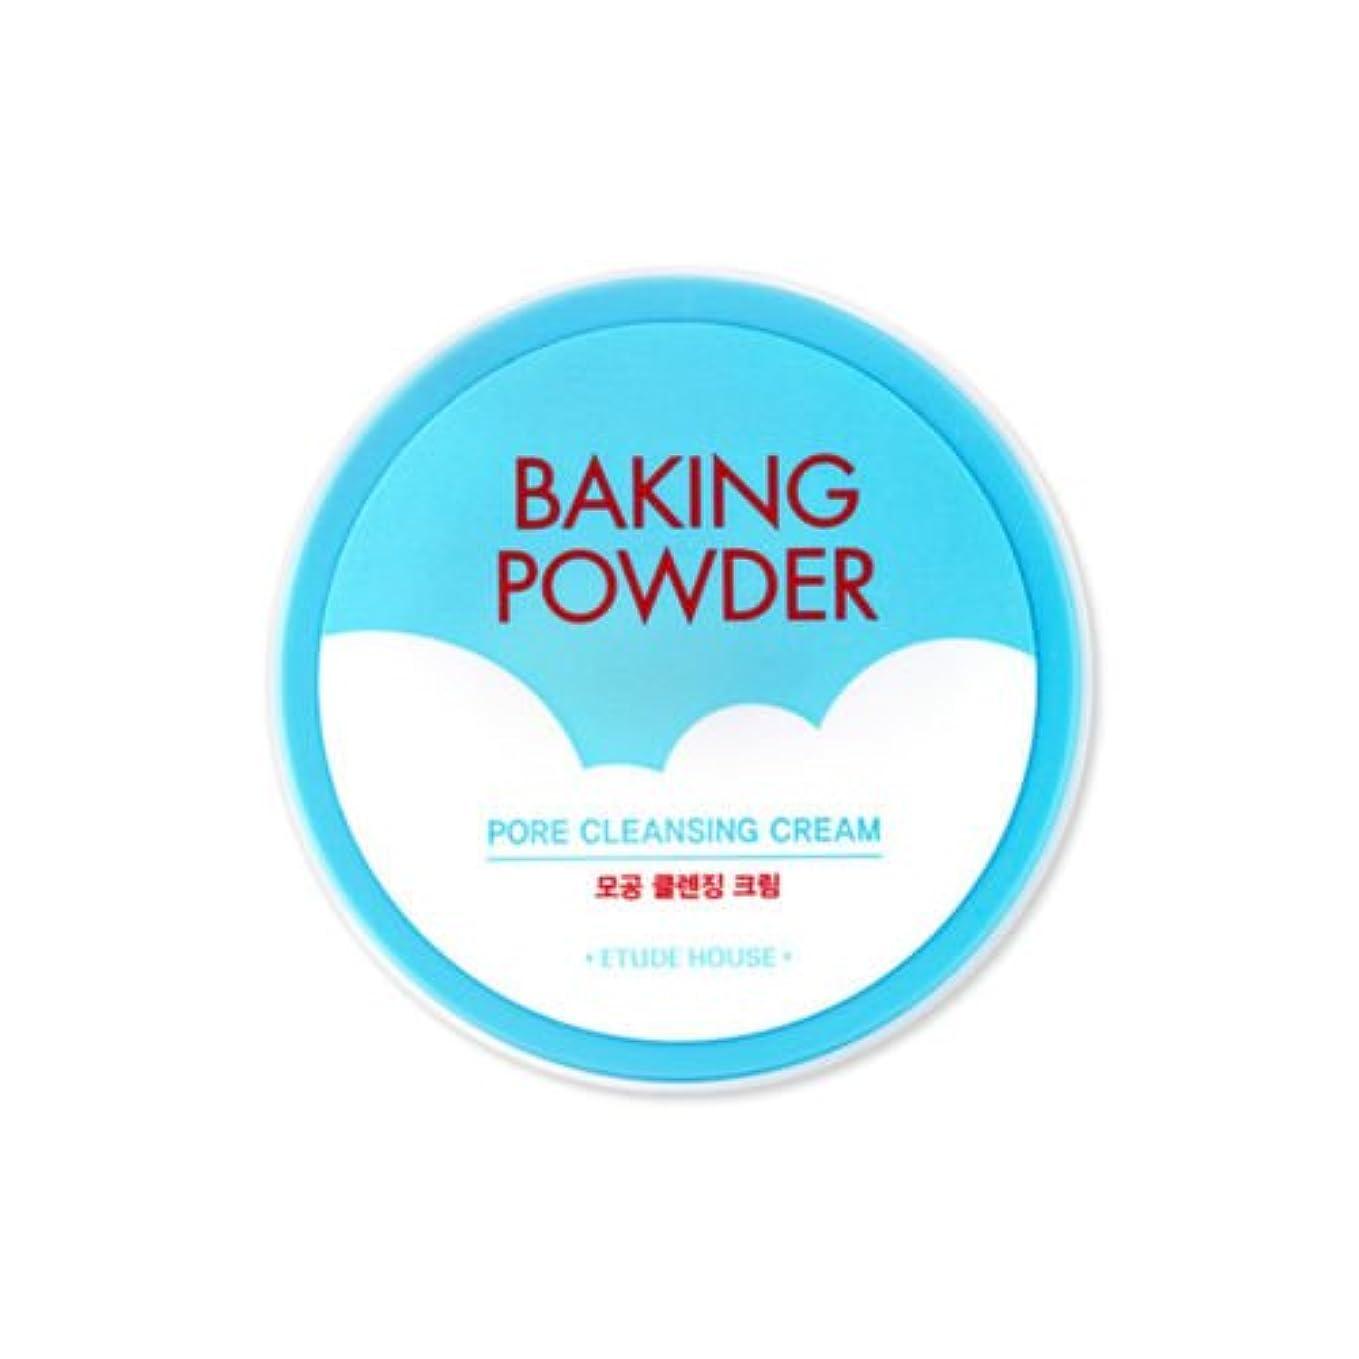 ハーネスバック政治家の[2016 Upgrade!] ETUDE HOUSE Baking Powder Pore Cleansing Cream 180ml/エチュードハウス ベーキング パウダー ポア クレンジング クリーム 180ml